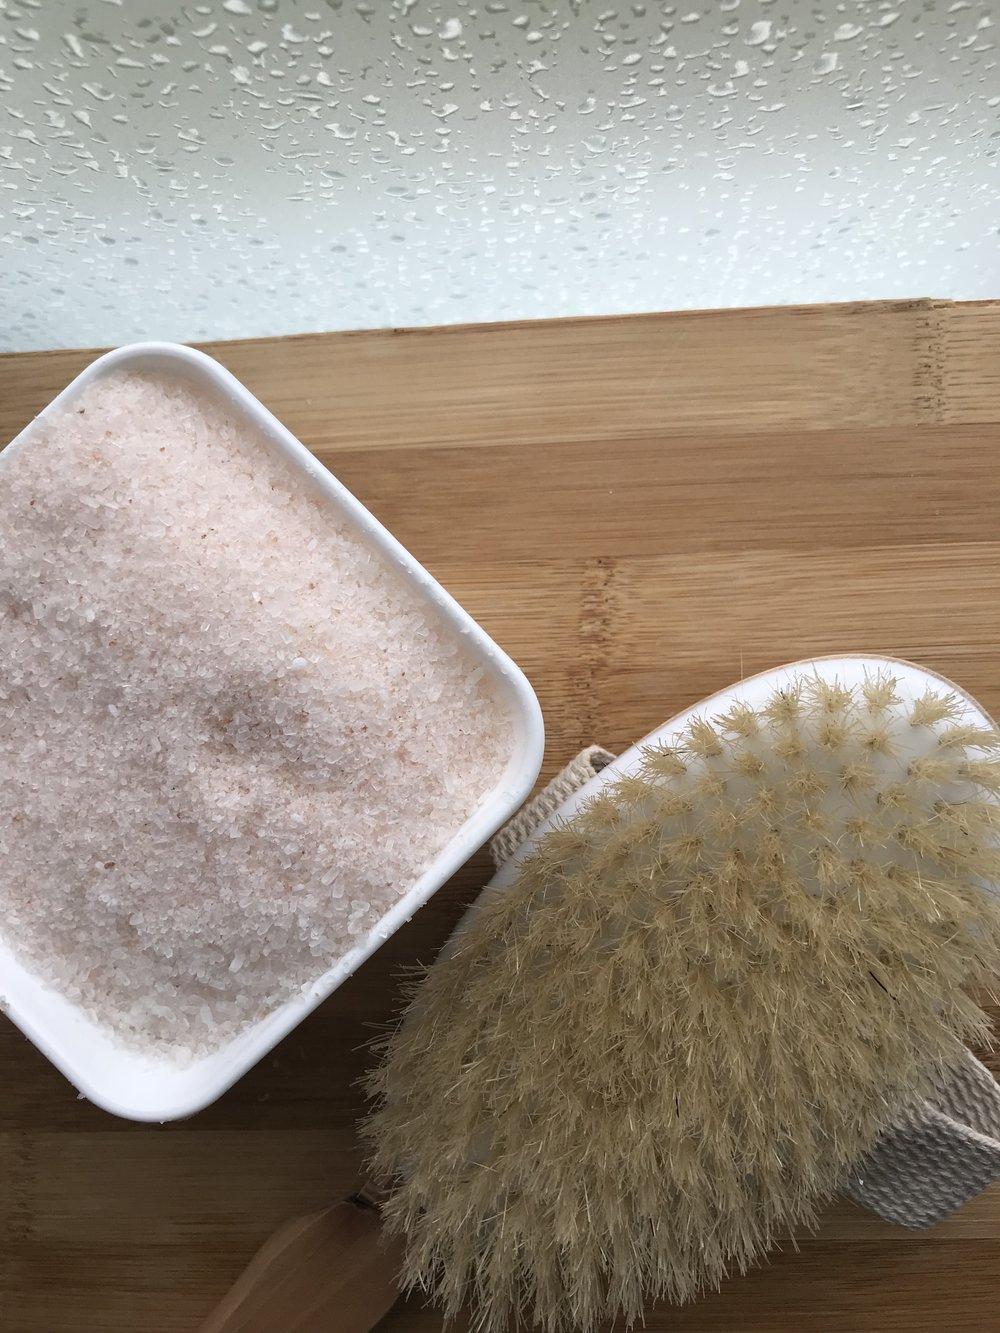 Salt and brush.JPG